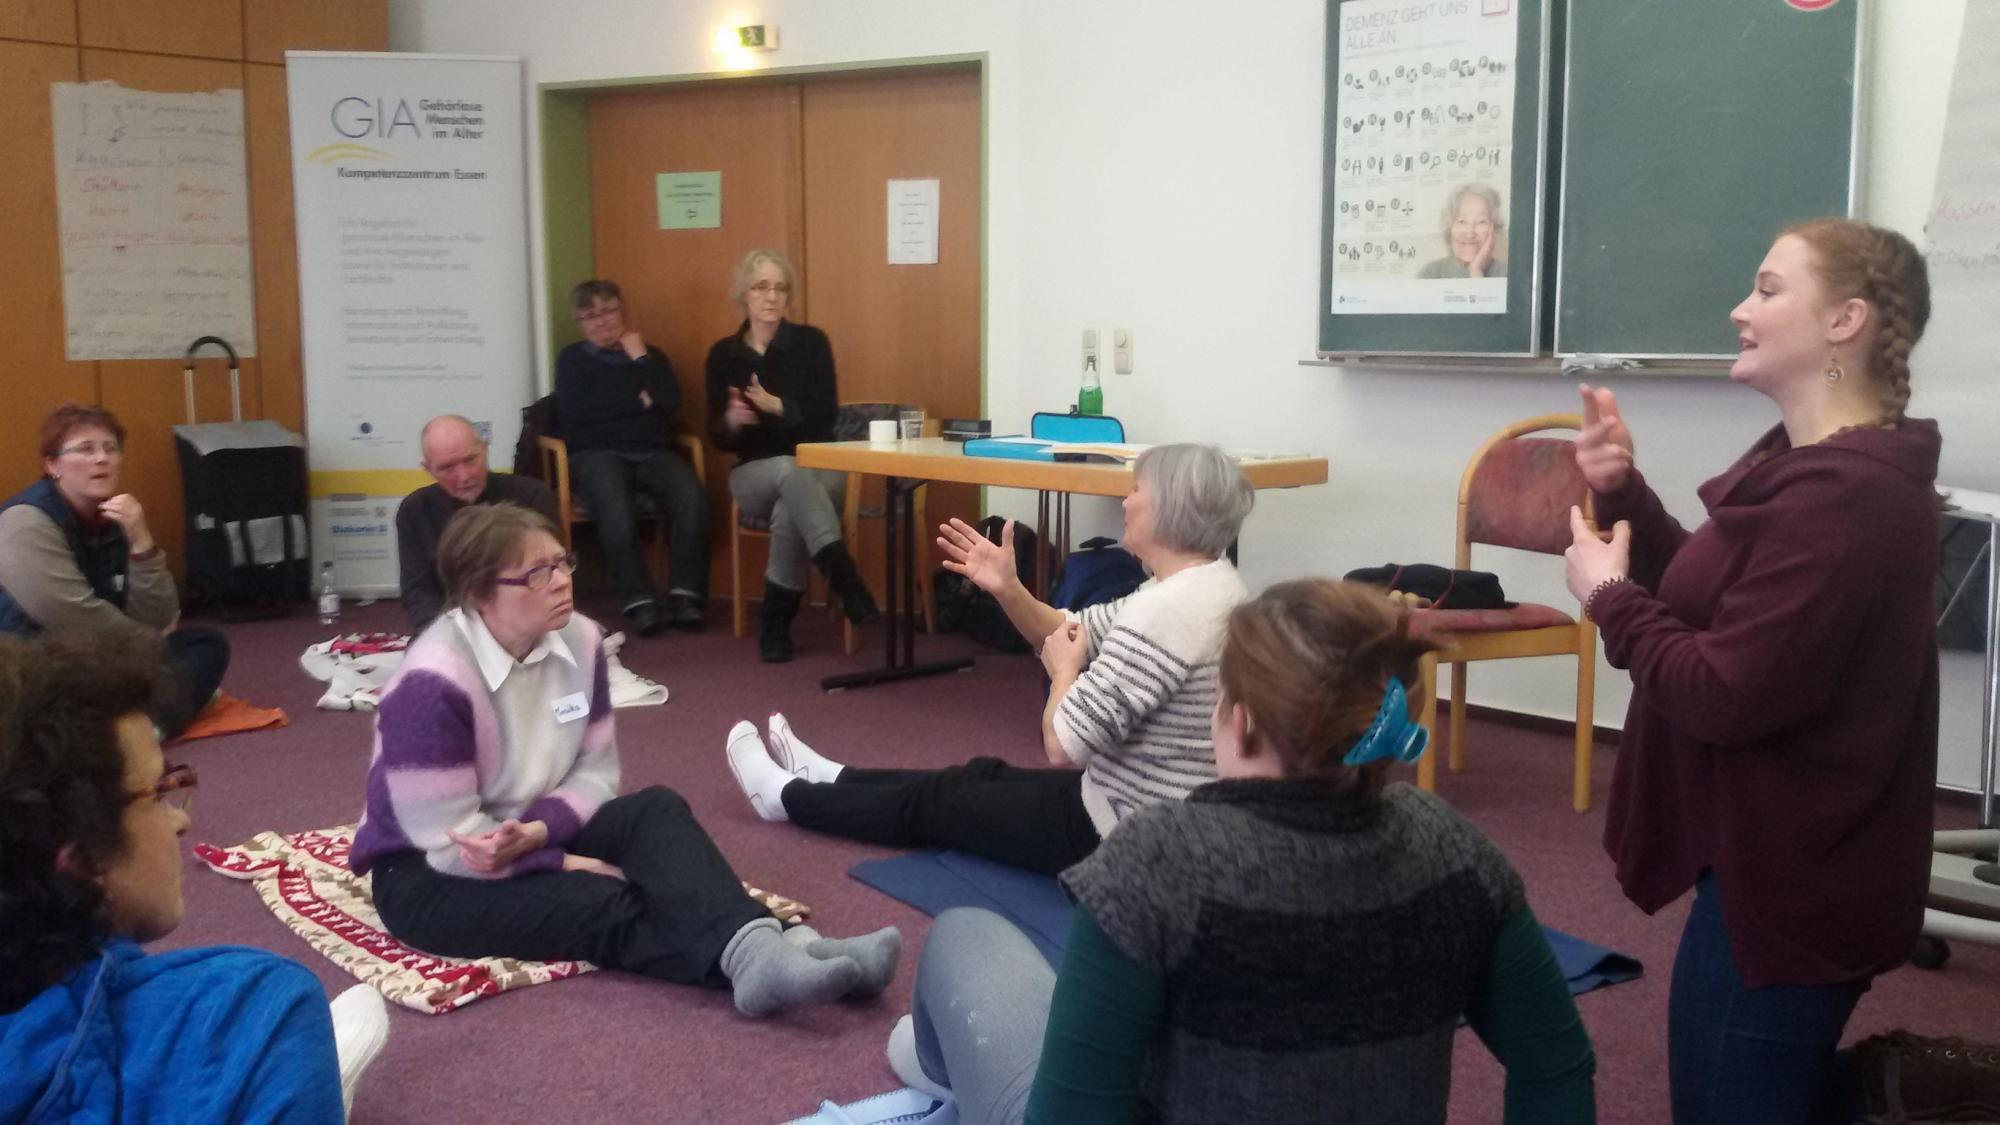 Selbst spüren und ausprobieren auf dem Boden - die Dolmetsch-Praktikantin im Einsatz